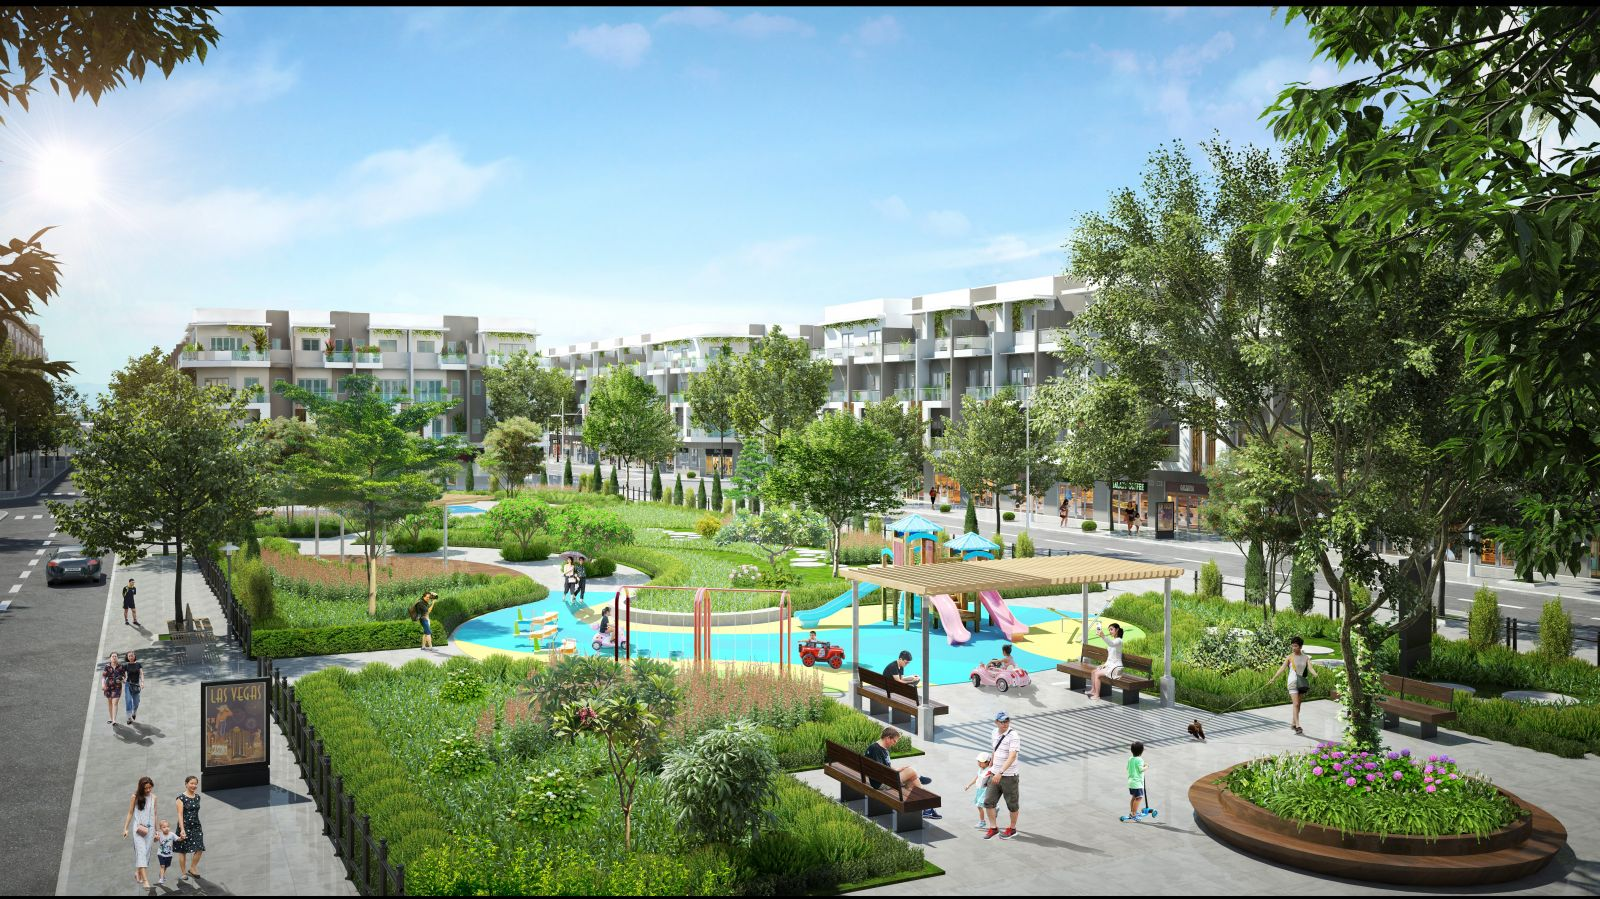 Những khoảng xanh lớn tại dự án tạo môi trường sống trong lành, thân thiện cho cộng đồng cư dân Him Lam Green Park